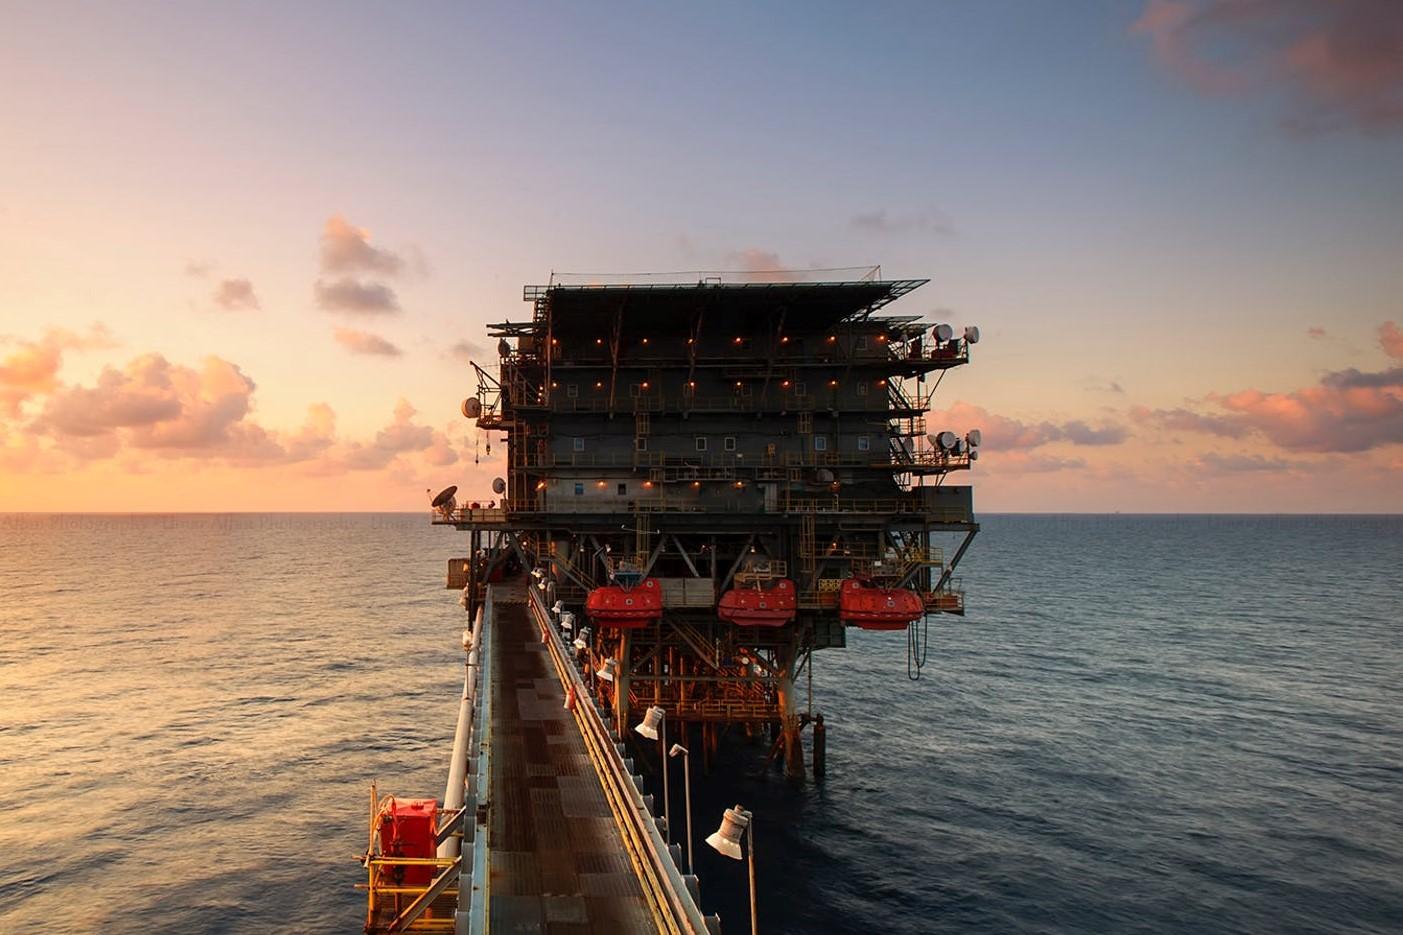 Oil pump in the sea